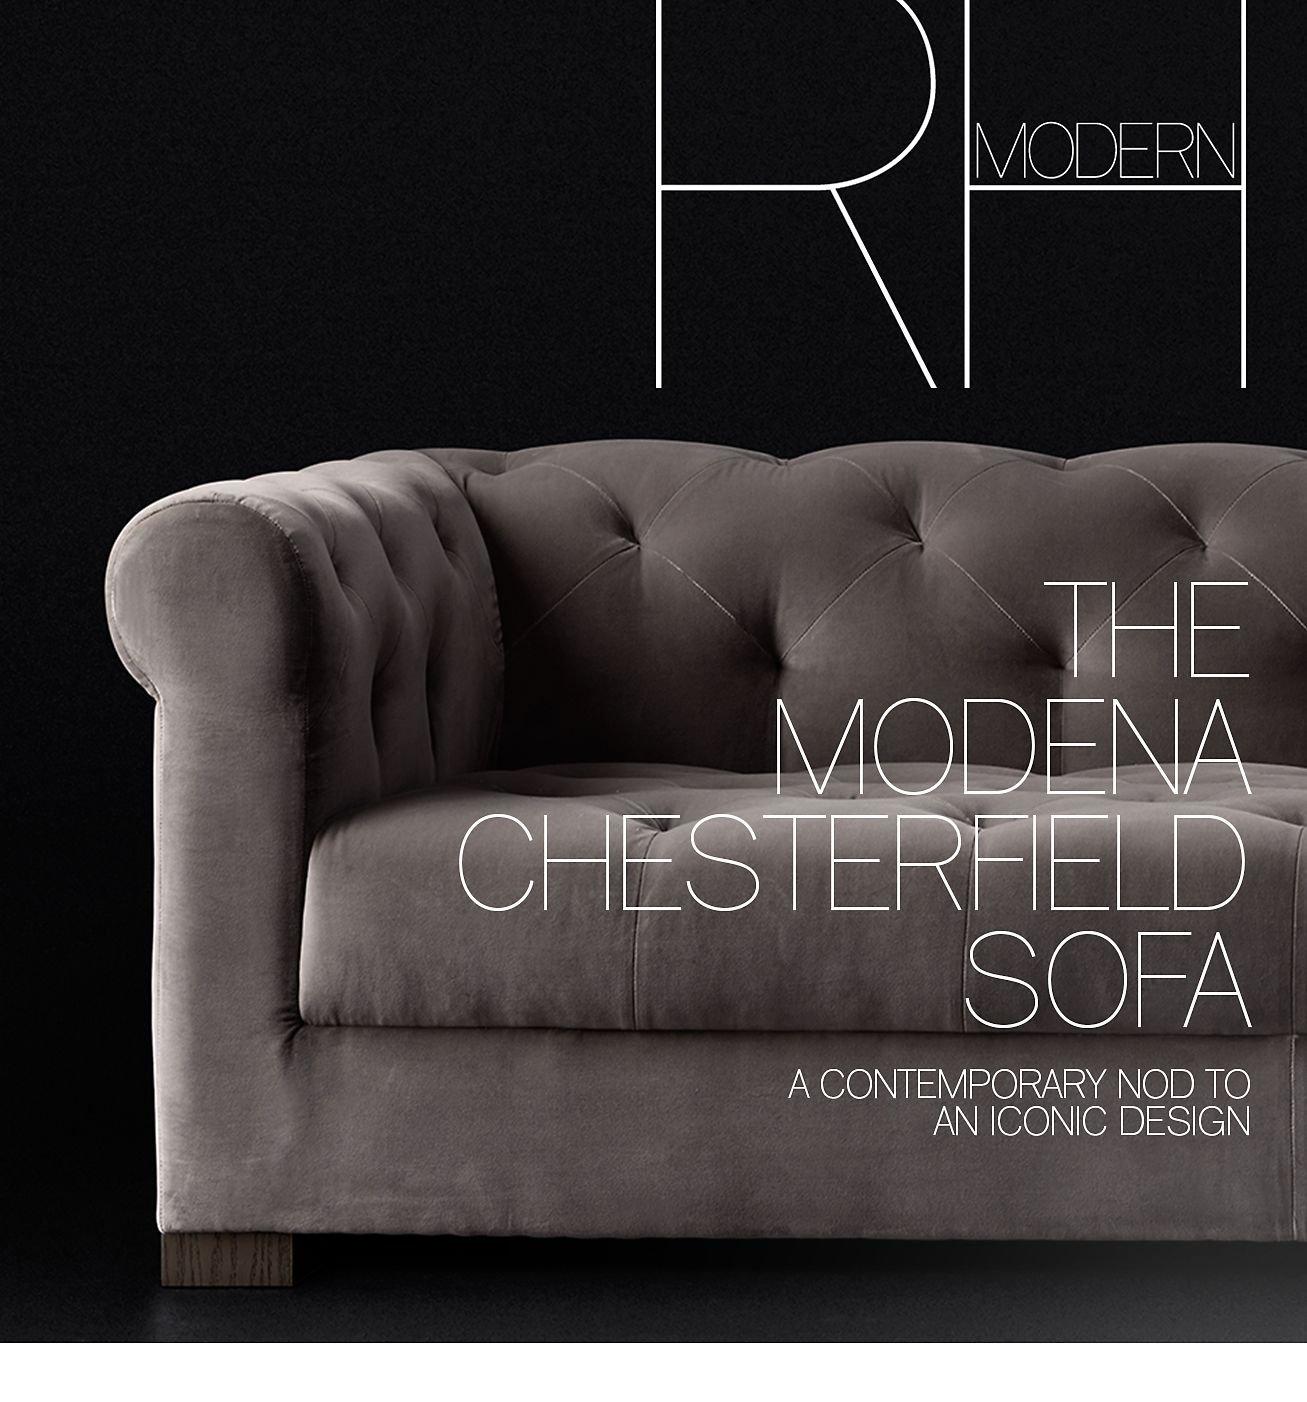 Explore The Modena Chesterfield Sofa